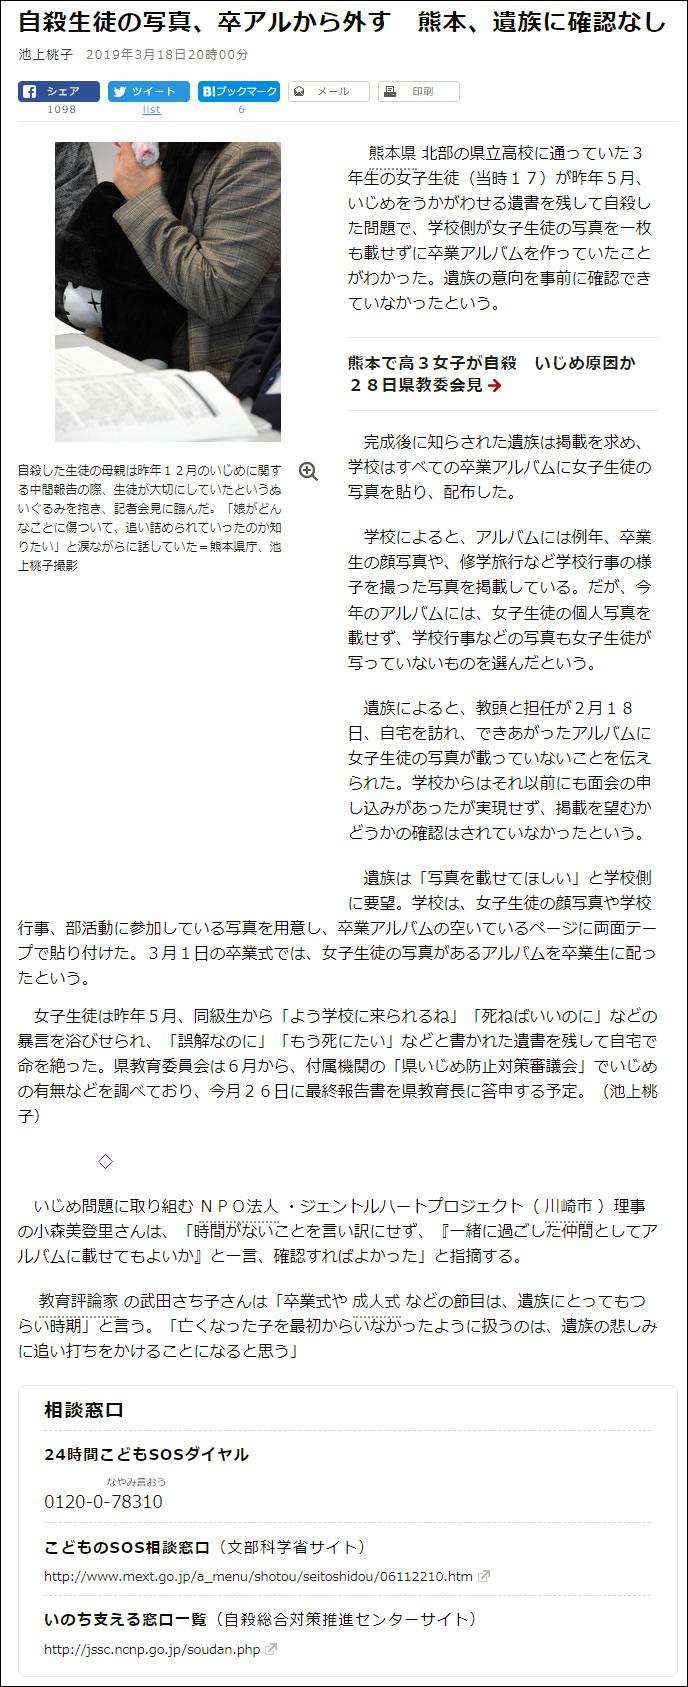 小森美登里:朝日新聞、2019年3月18日「自殺生徒の写真、卒アルから外す 熊本、遺族に確認なし」掲載